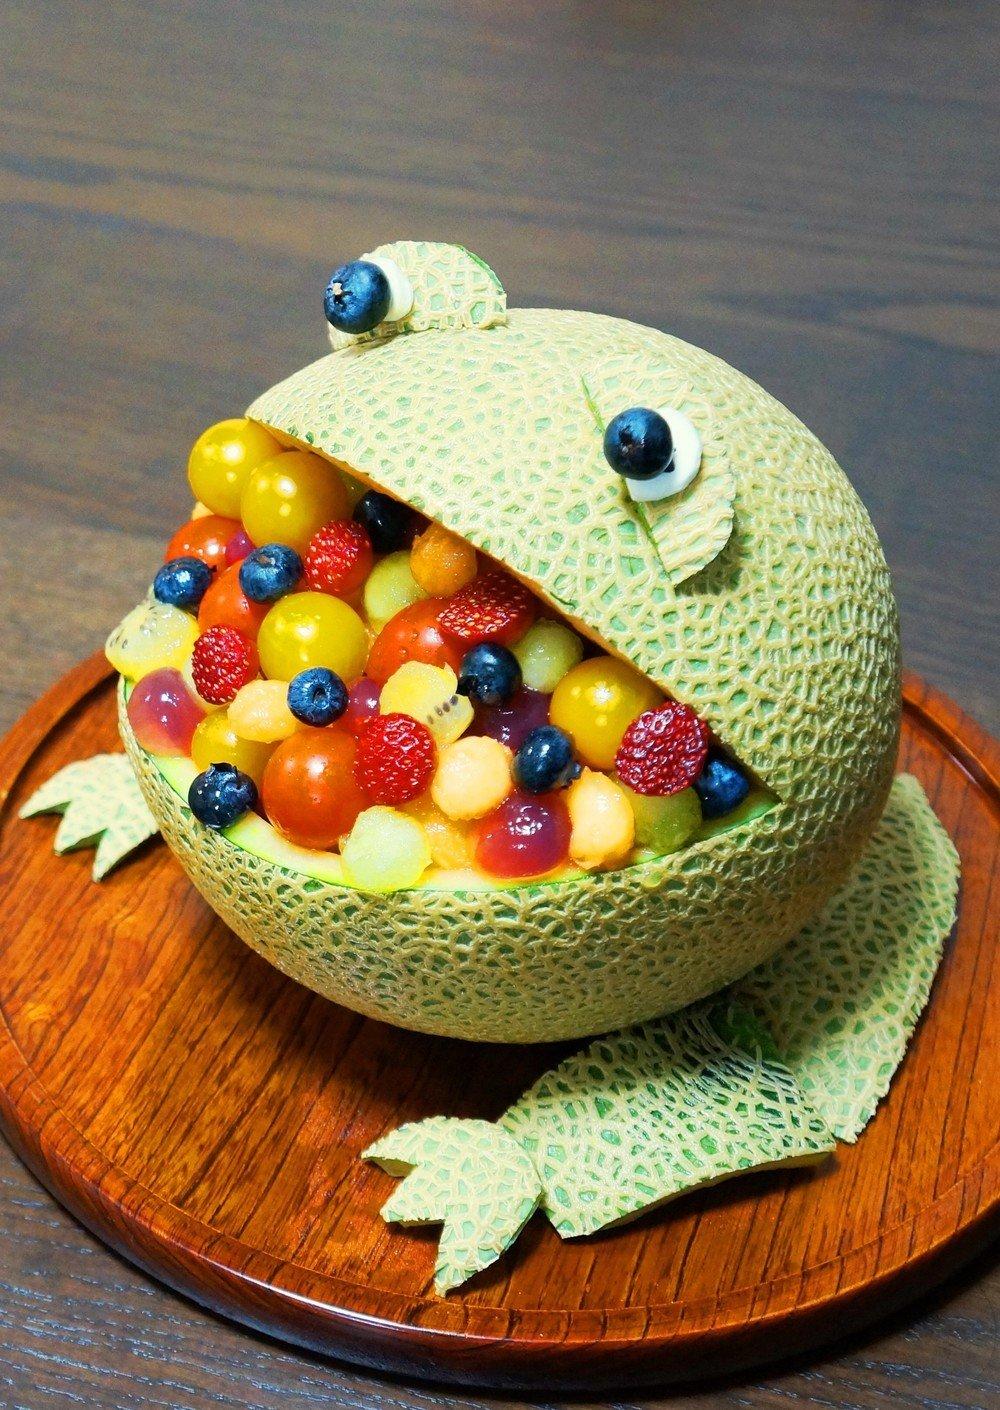 frog shaped fruit salad